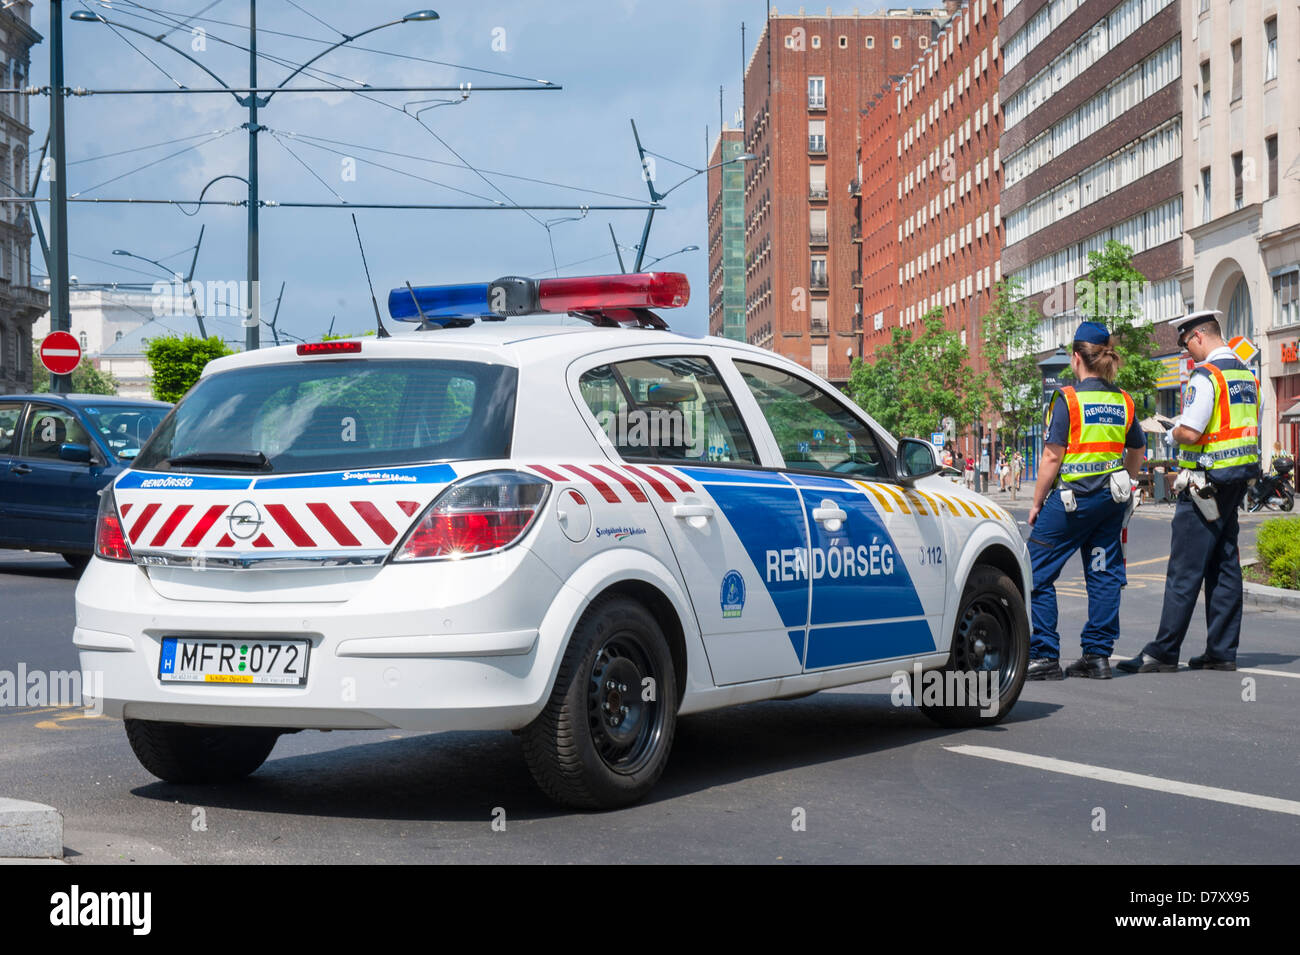 Budapest Ungheria Grande Sinagoga Zsinagoga Rendorseg auto della polizia donna uomo protezioni di guardia sentry Immagini Stock